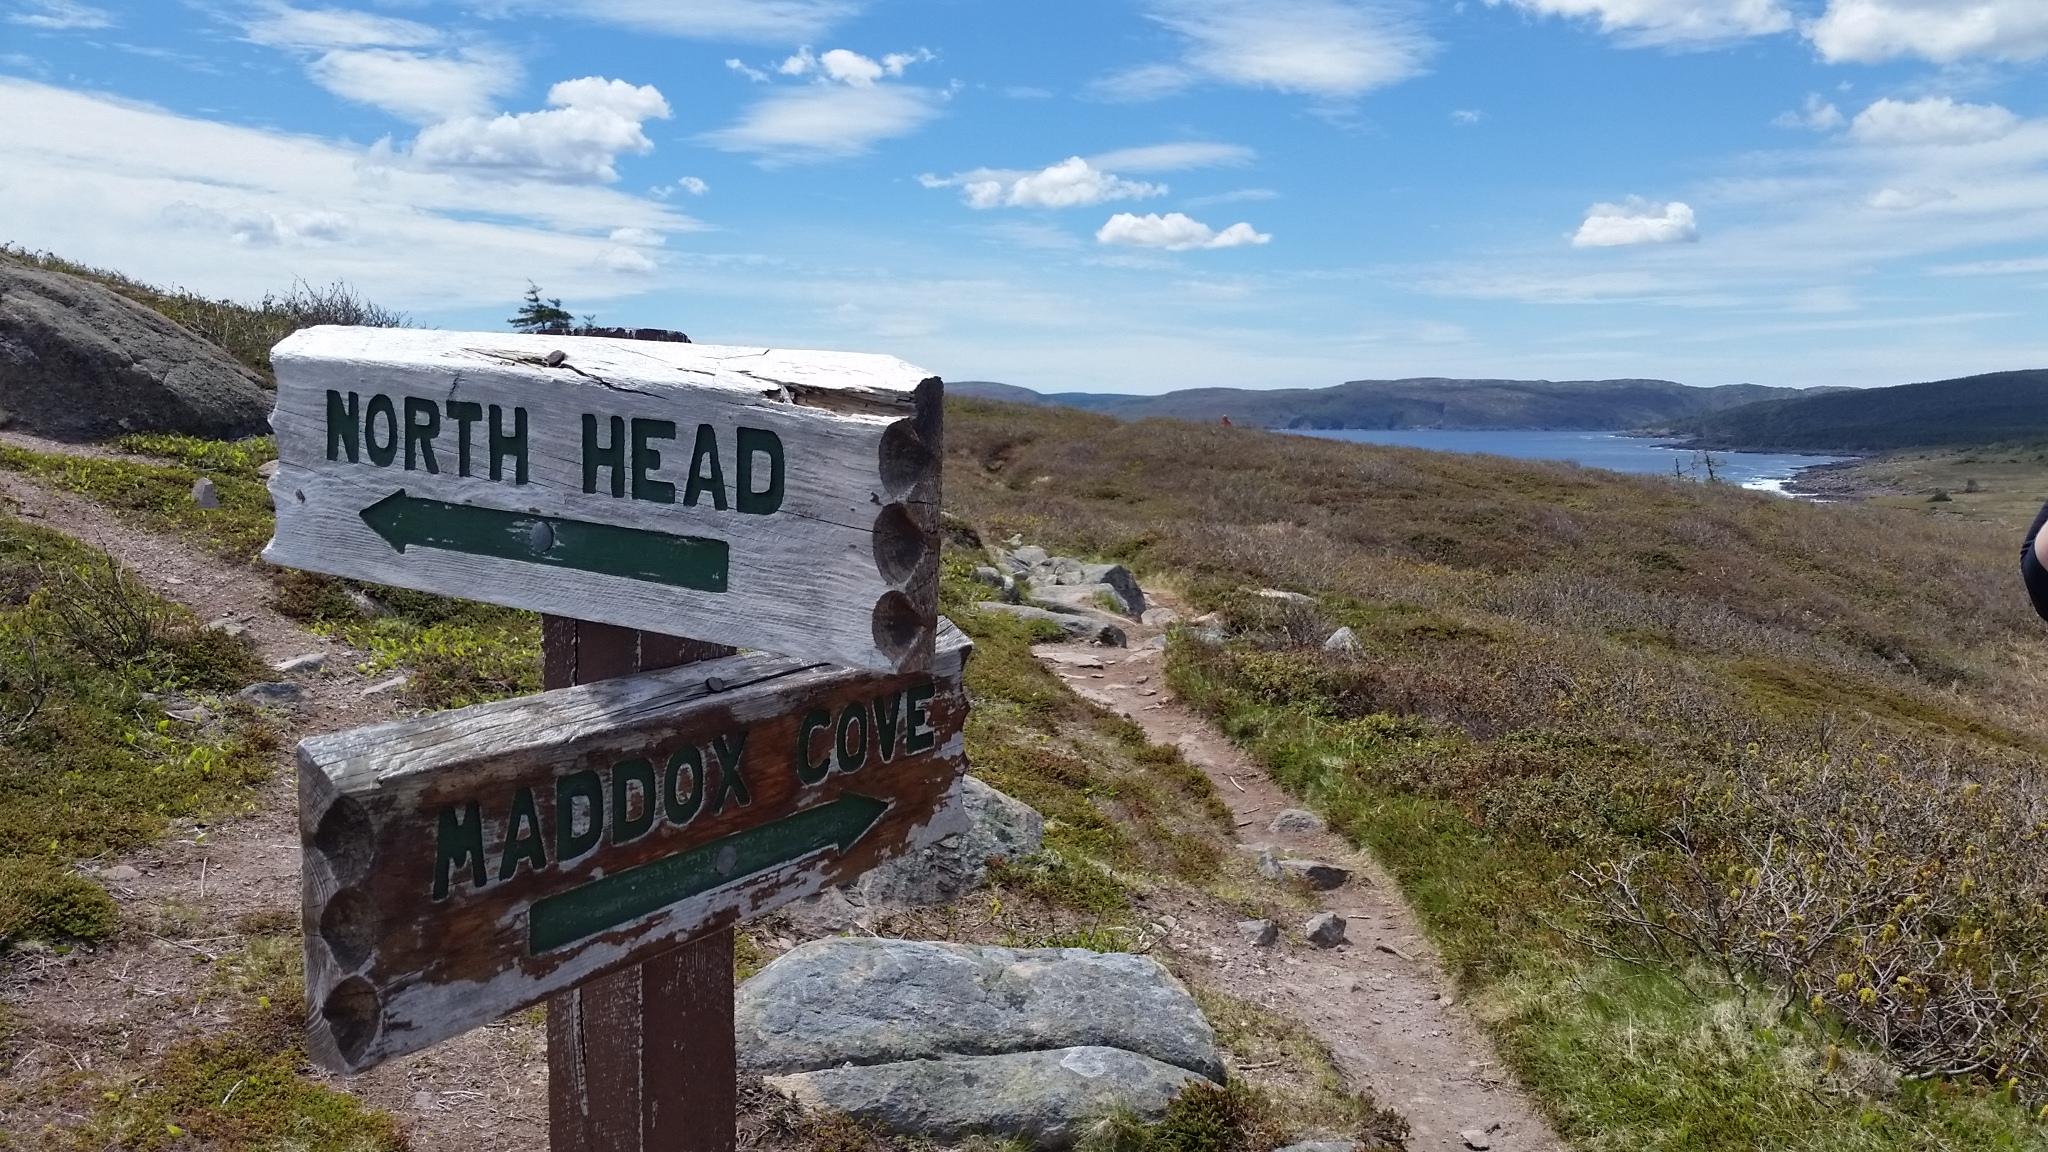 A trail sign 20170617_124403.jpg